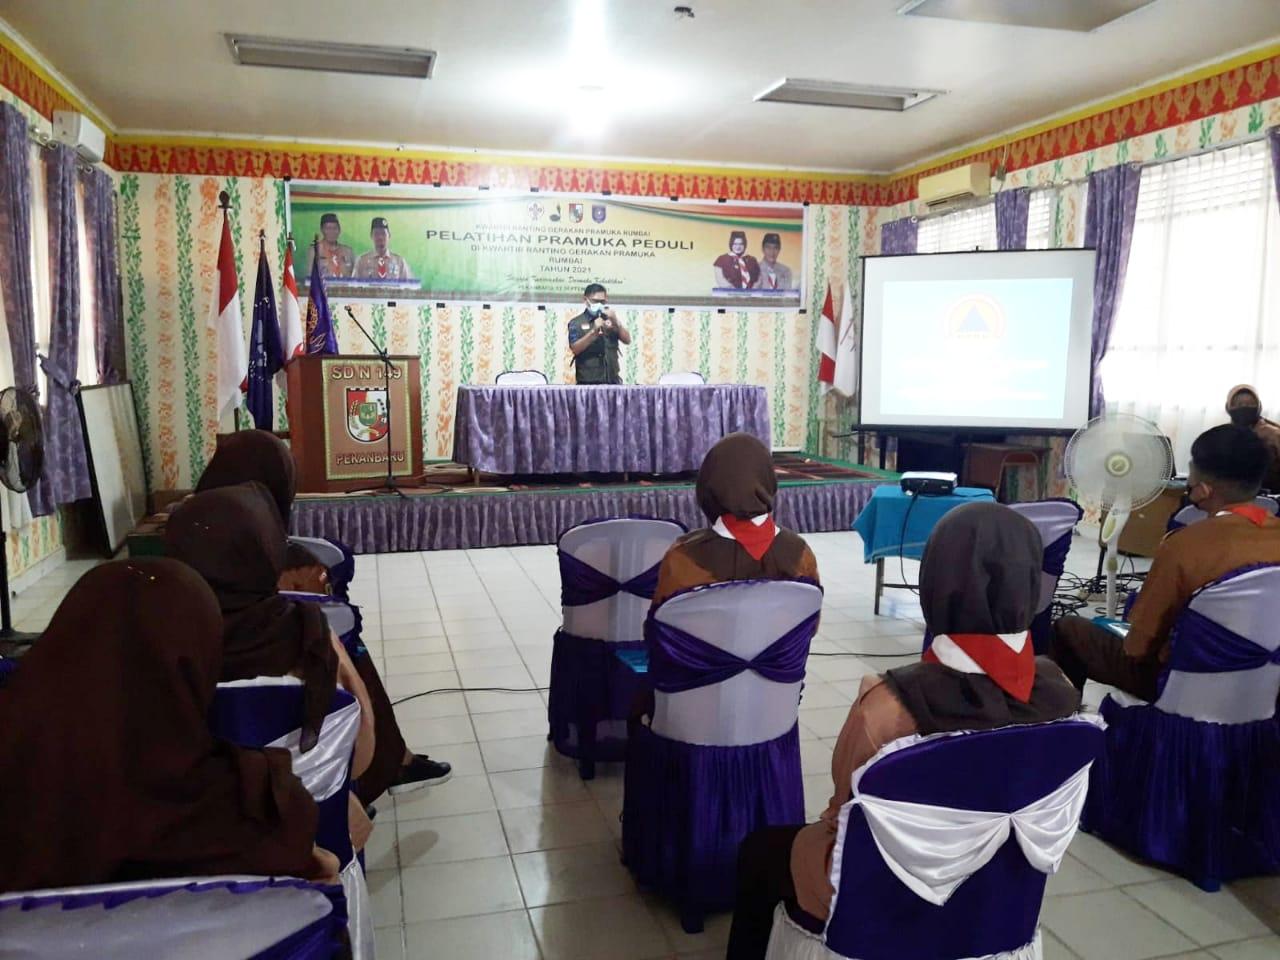 Image : BPBD Sosialisasi Penanggulangan Bencana ke Kwaran Pramuka Rumbai